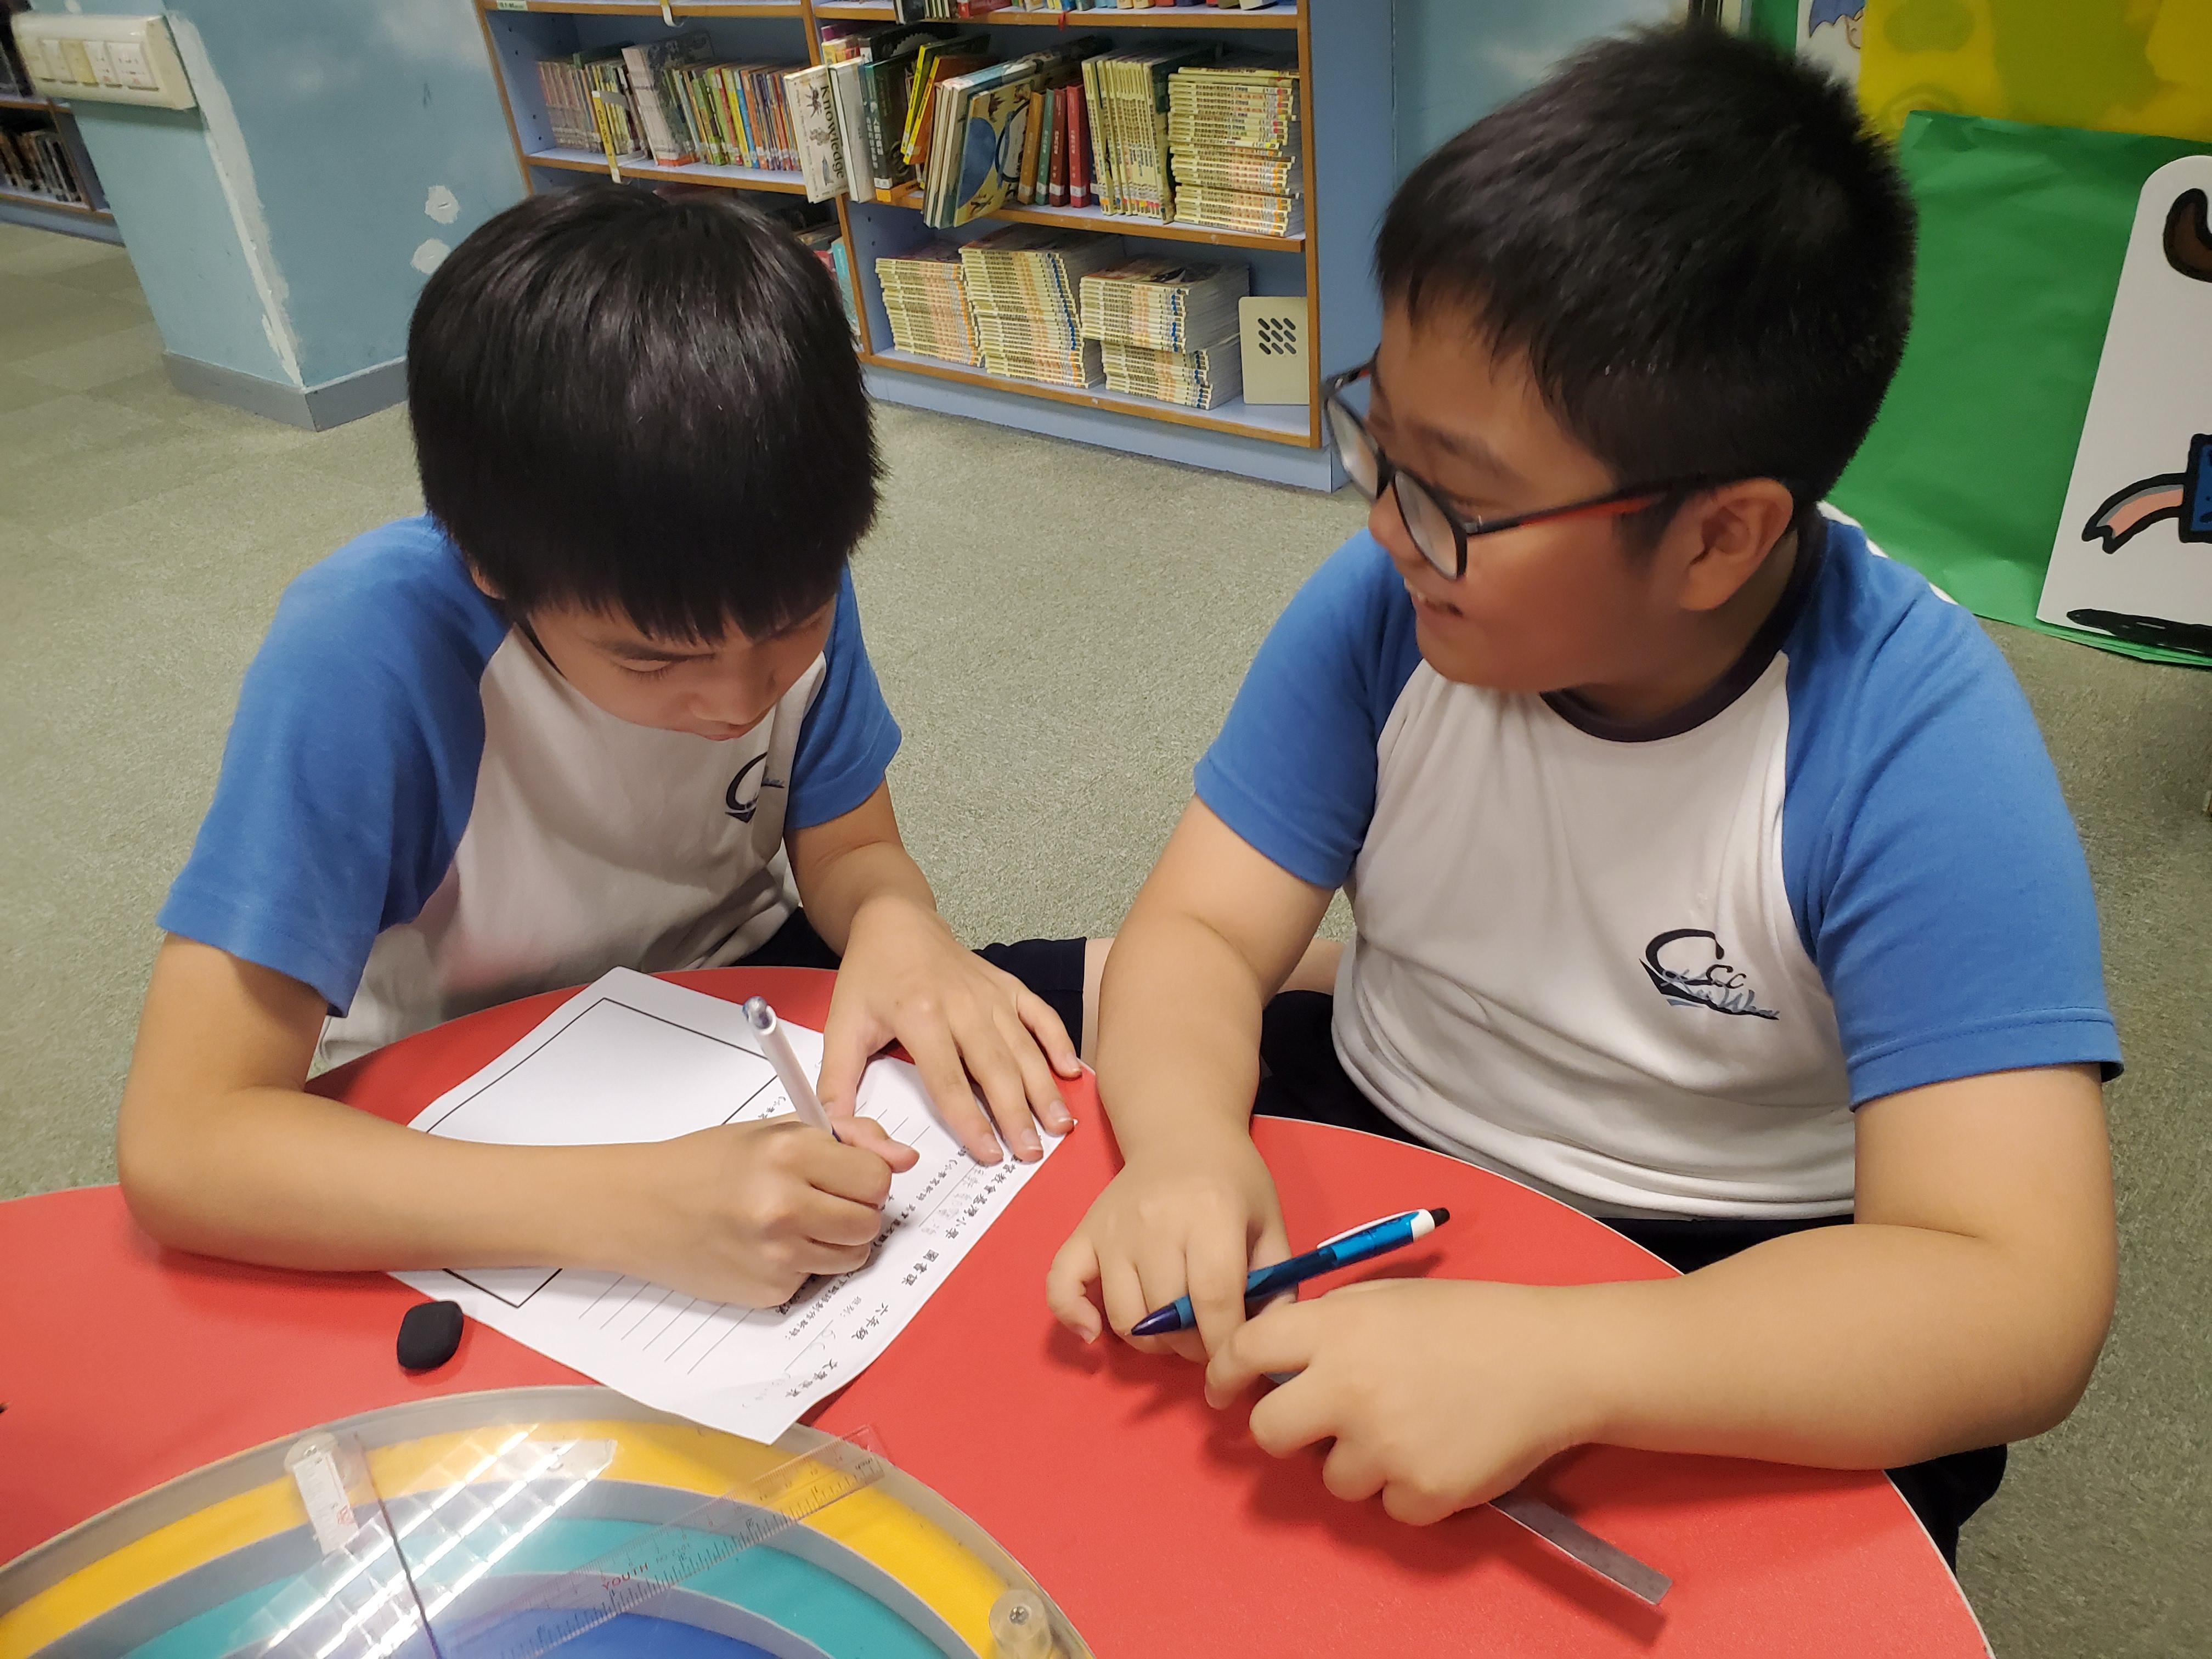 http://www.keiwan.edu.hk/sites/default/files/20191106_151028.jpg